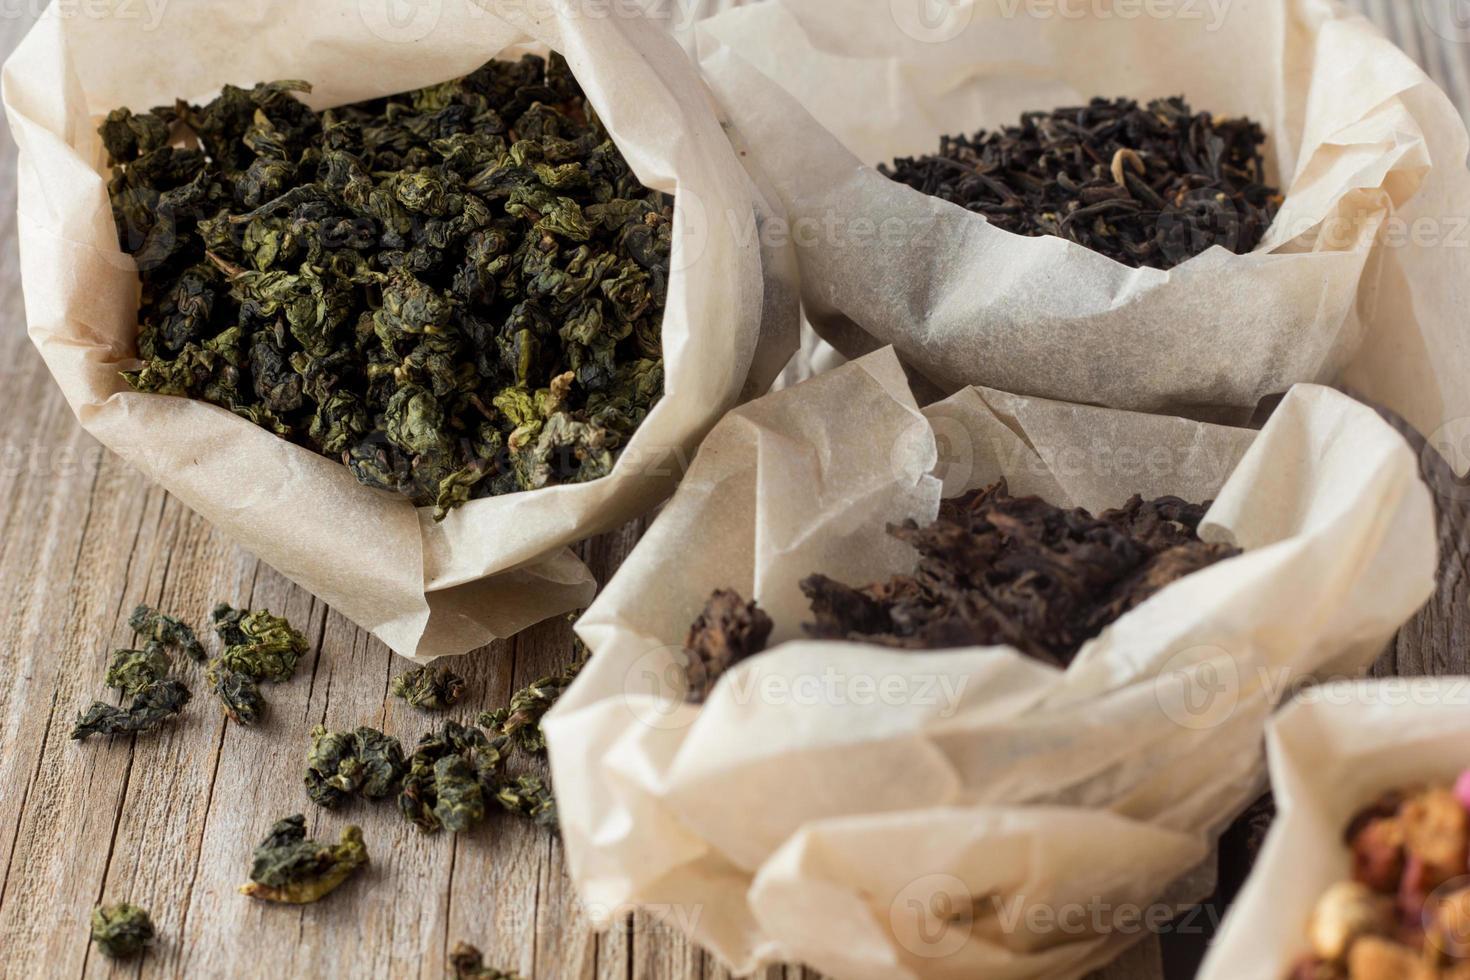 différentes sortes de thé dans des sacs en papier photo